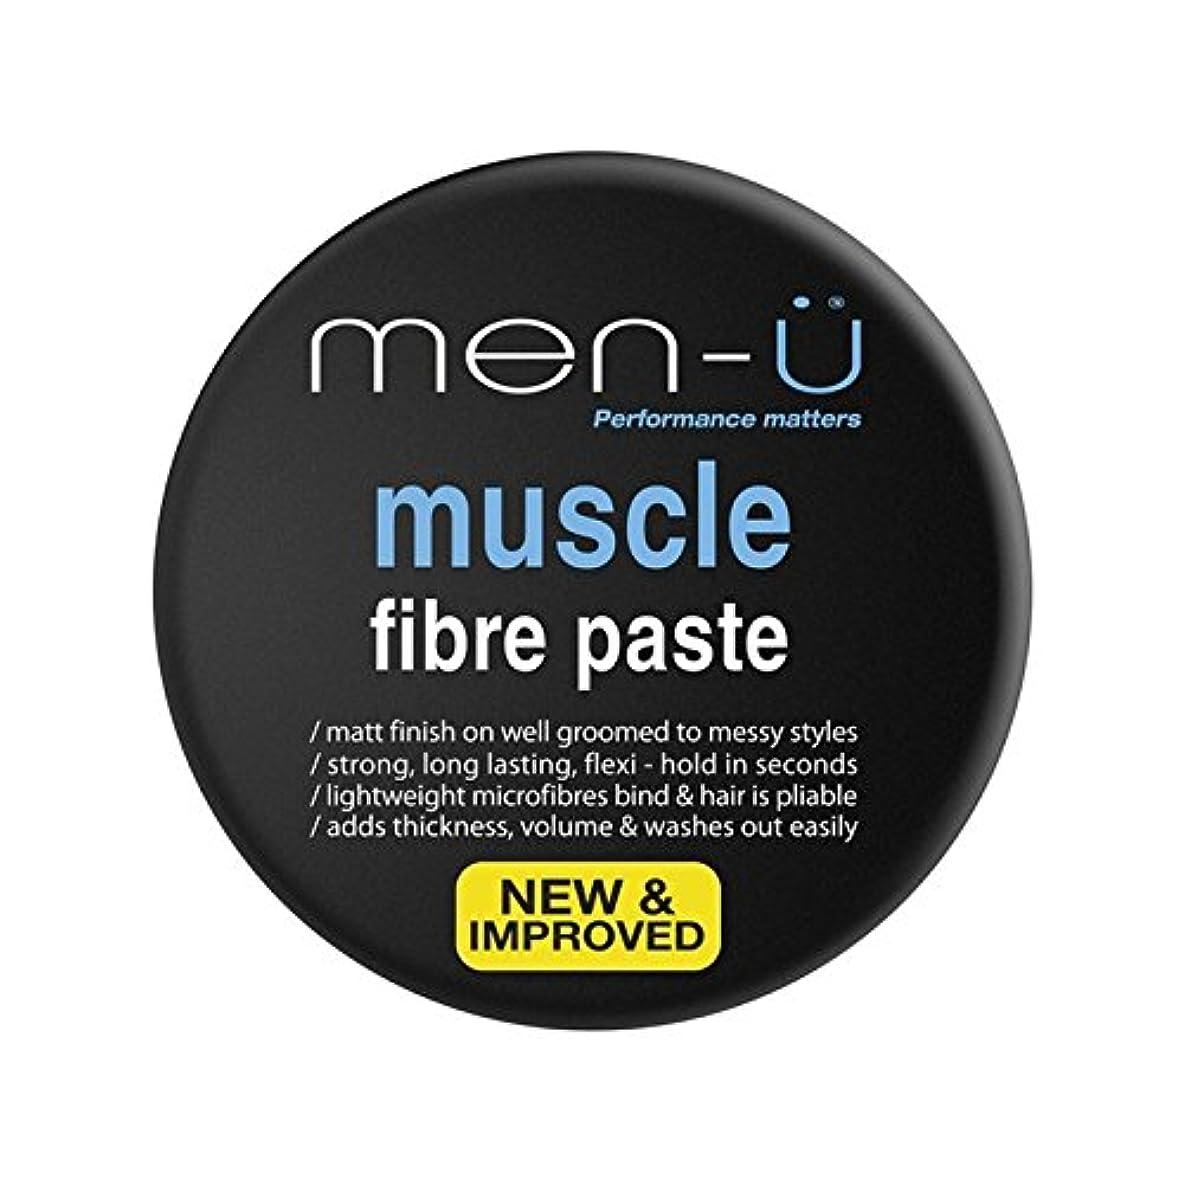 とんでもない二彼自身Men-? Muscle Fibre Paste (100ml) (Pack of 6) - 男性-?筋線維ペースト(100ミリリットル) x6 [並行輸入品]